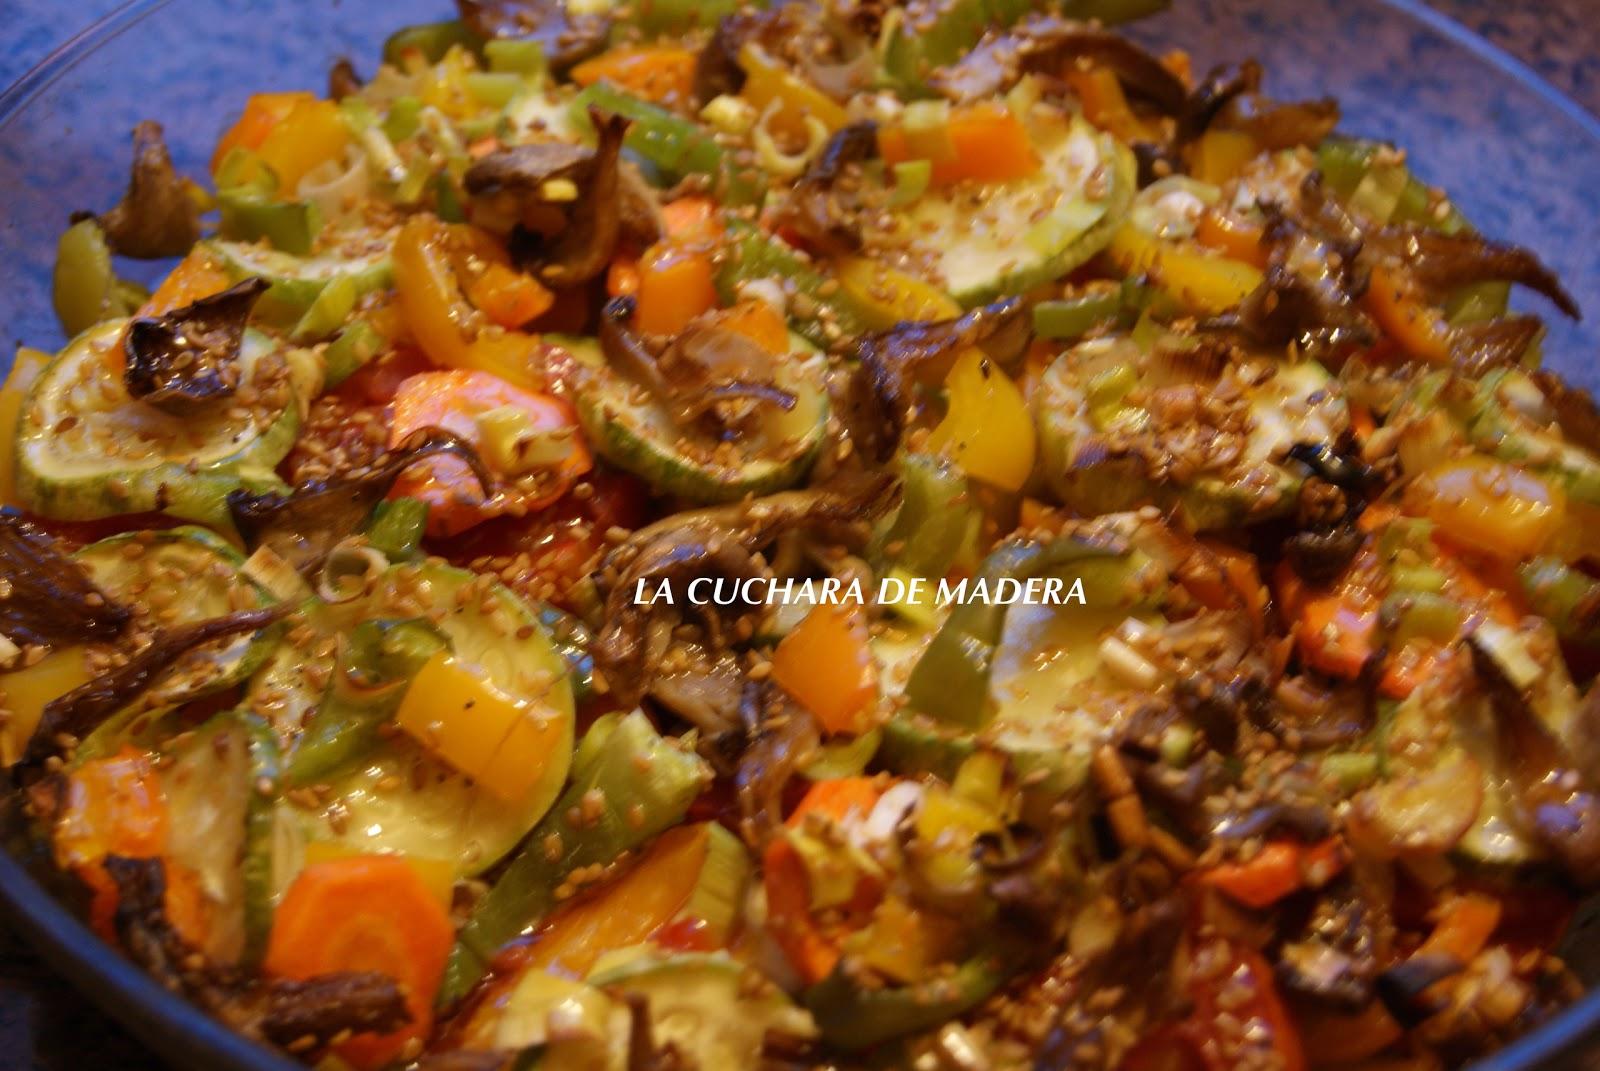 La cuchara de madera verduras al horno - Salsa para verduras al horno ...